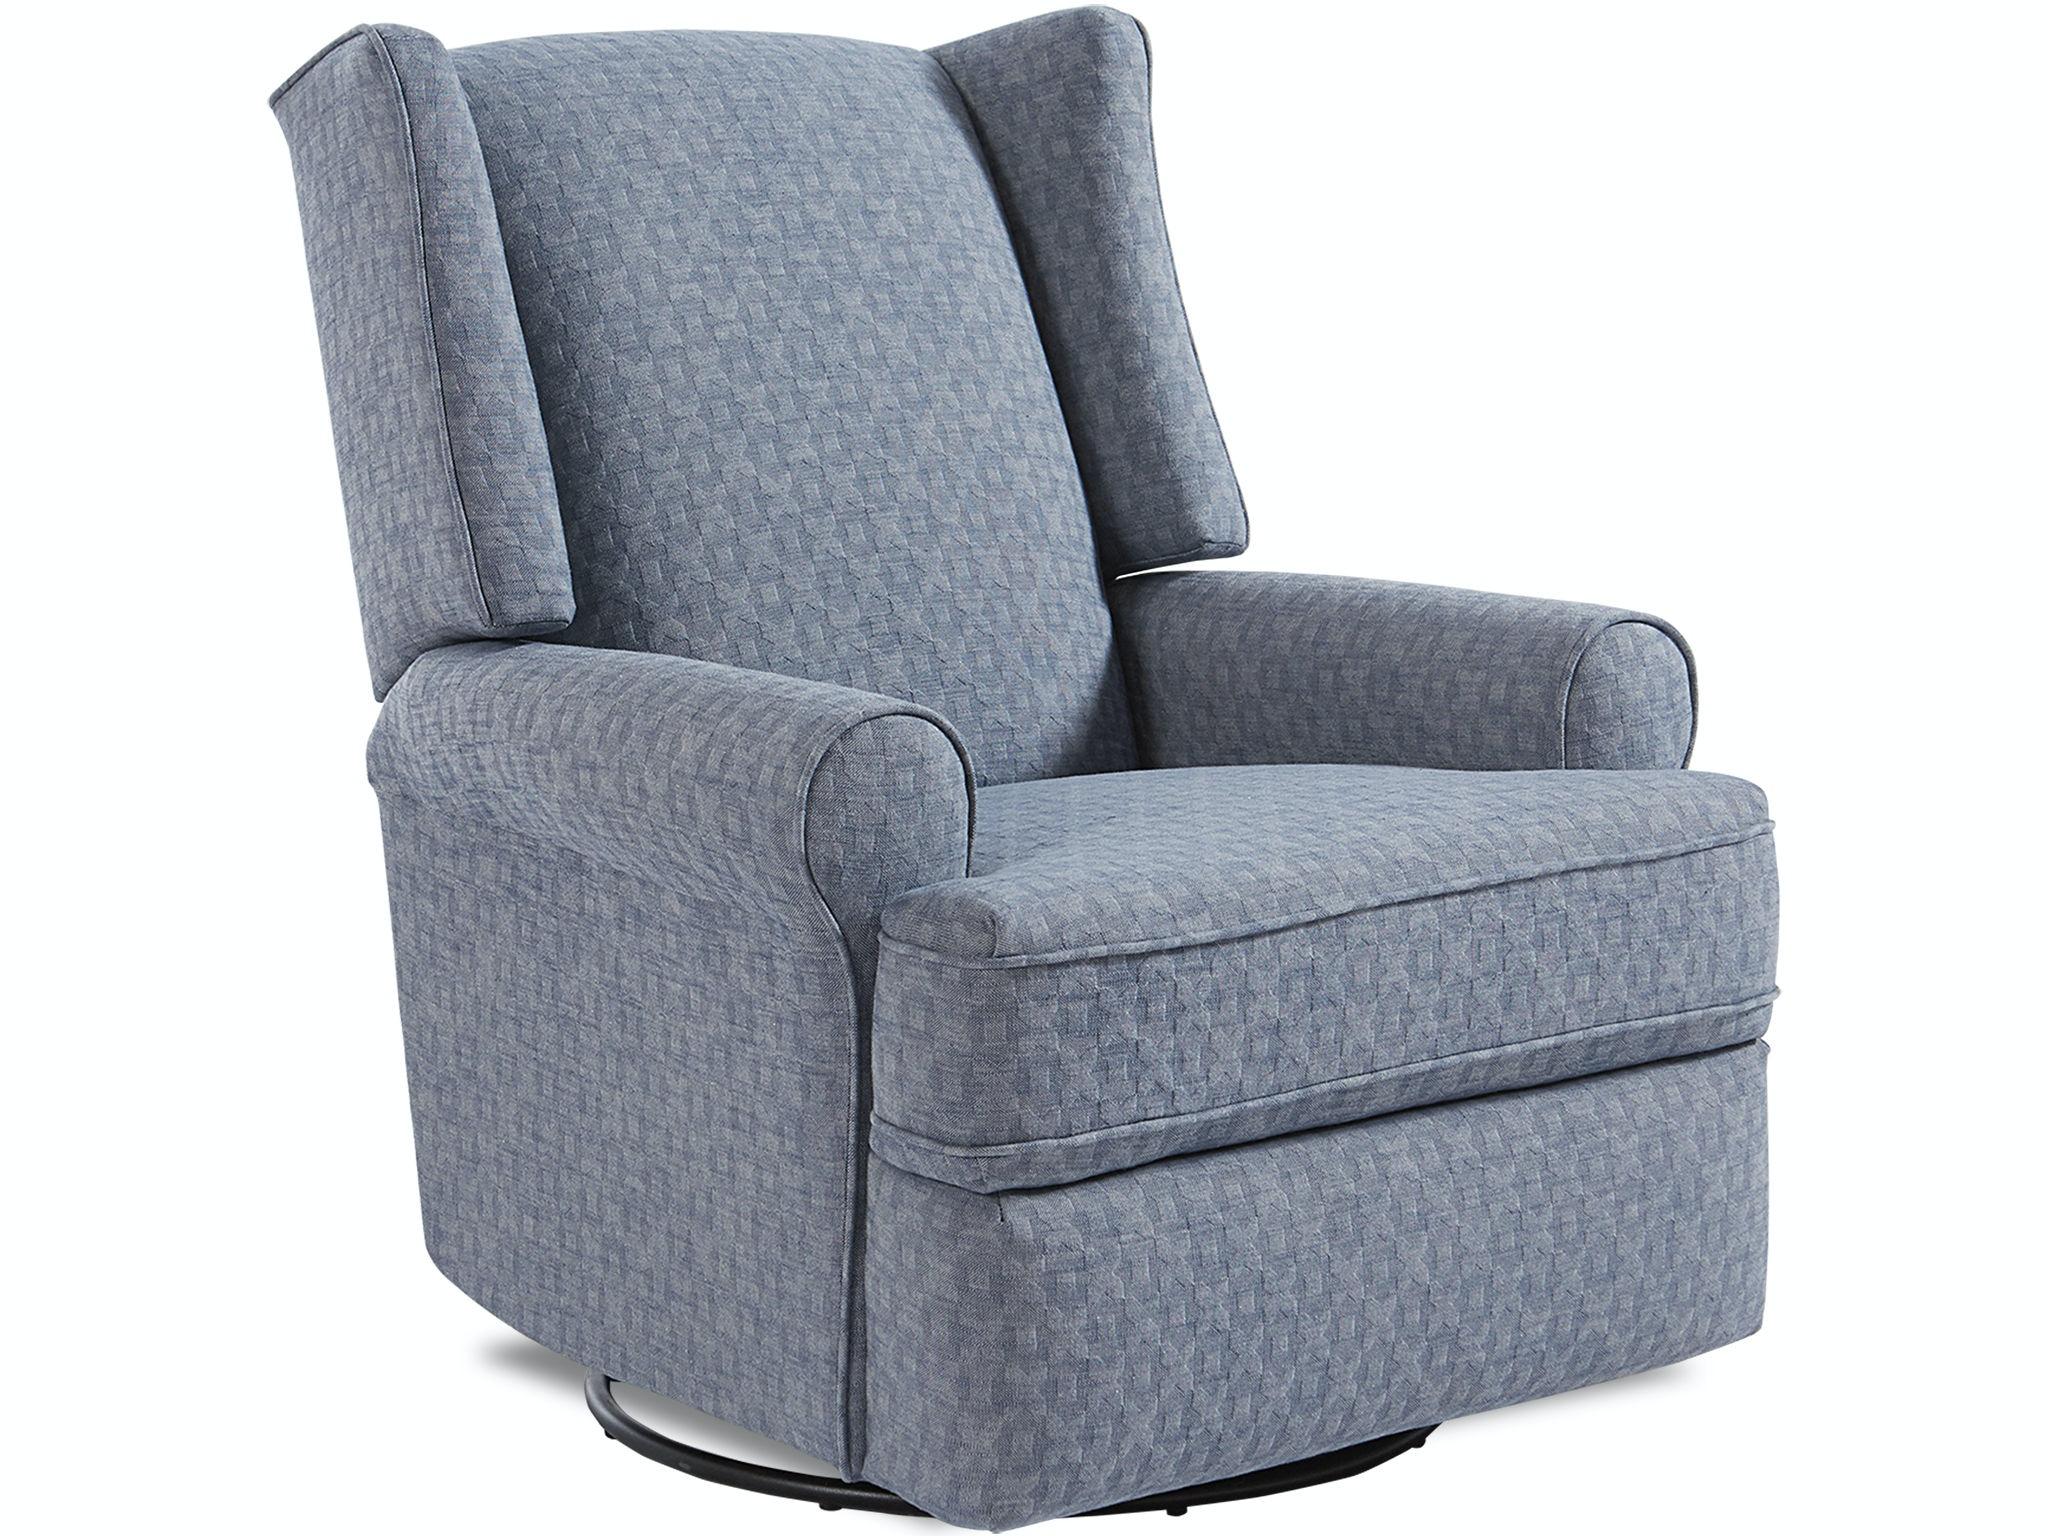 Best Home Furnishings Chair 5NI95